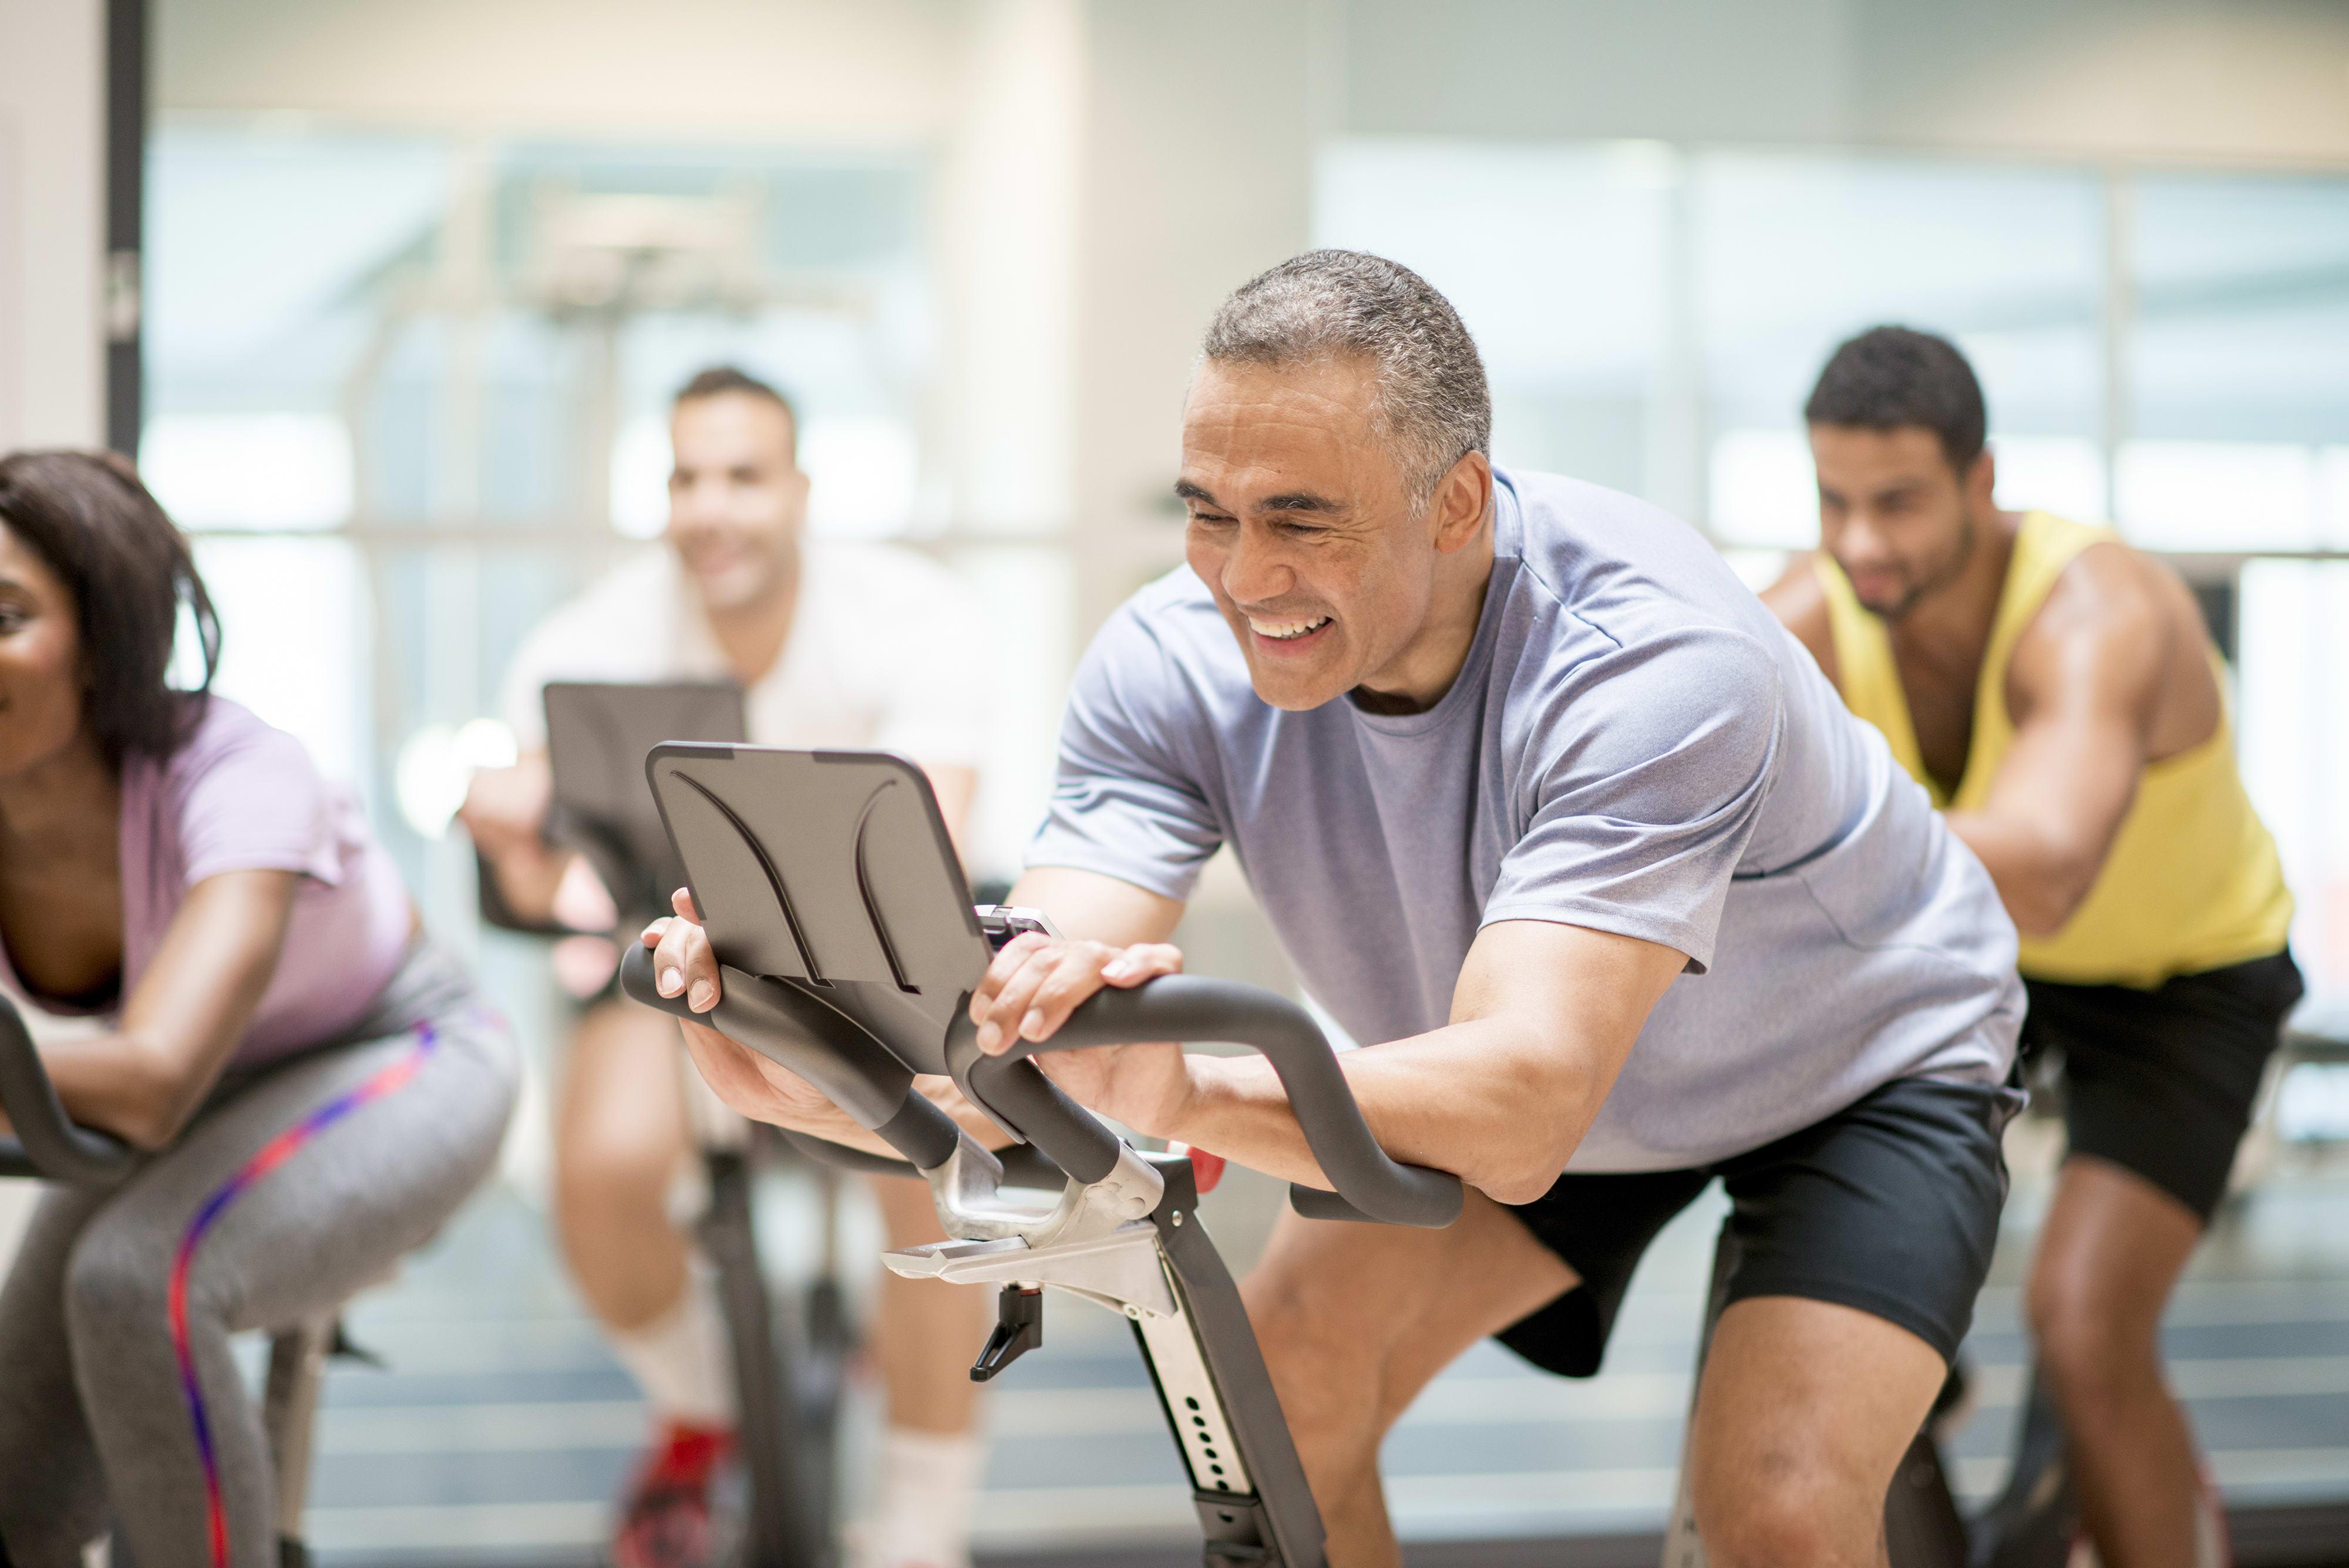 5 anledningar till att träna i grupp